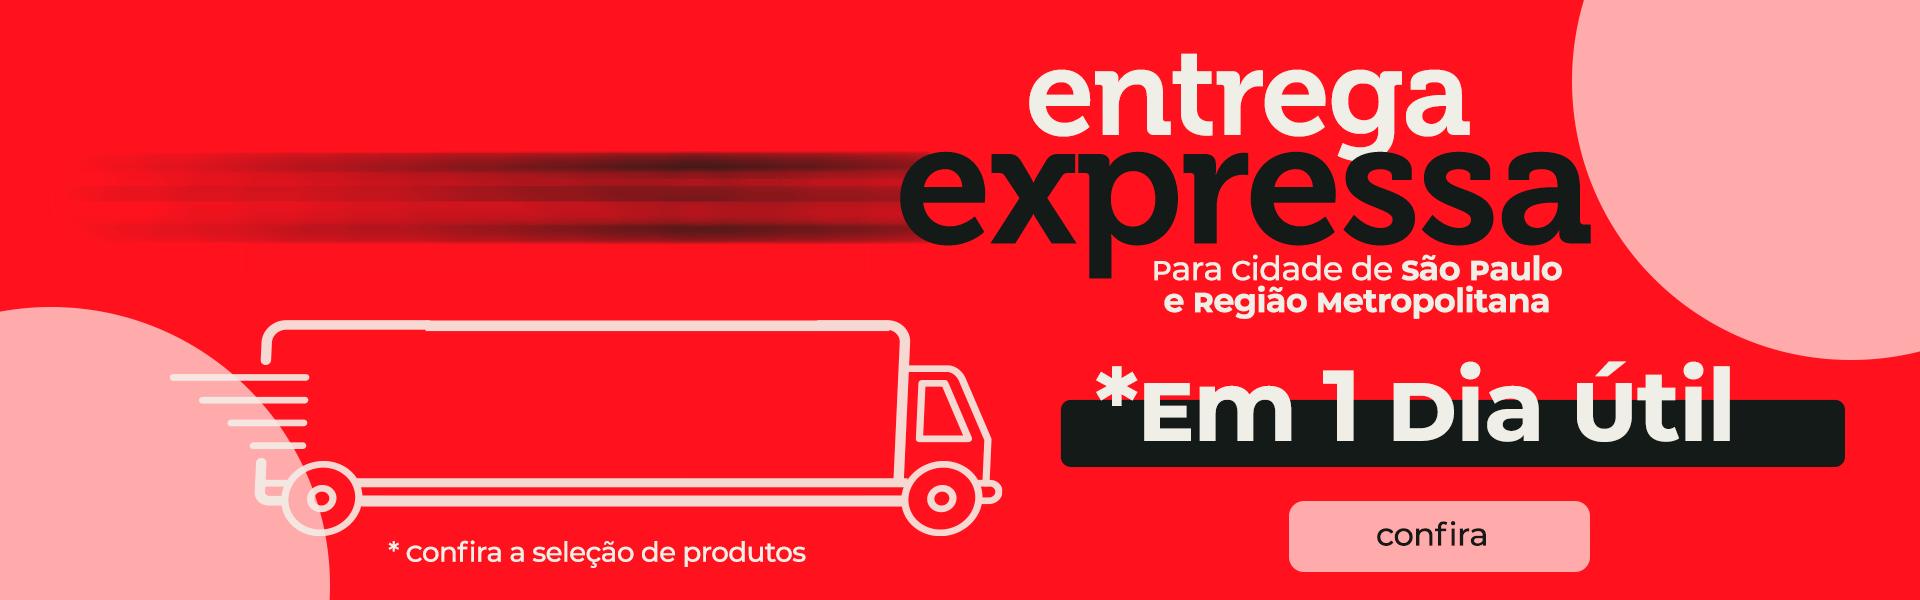 entrega_expressa_rs_mar